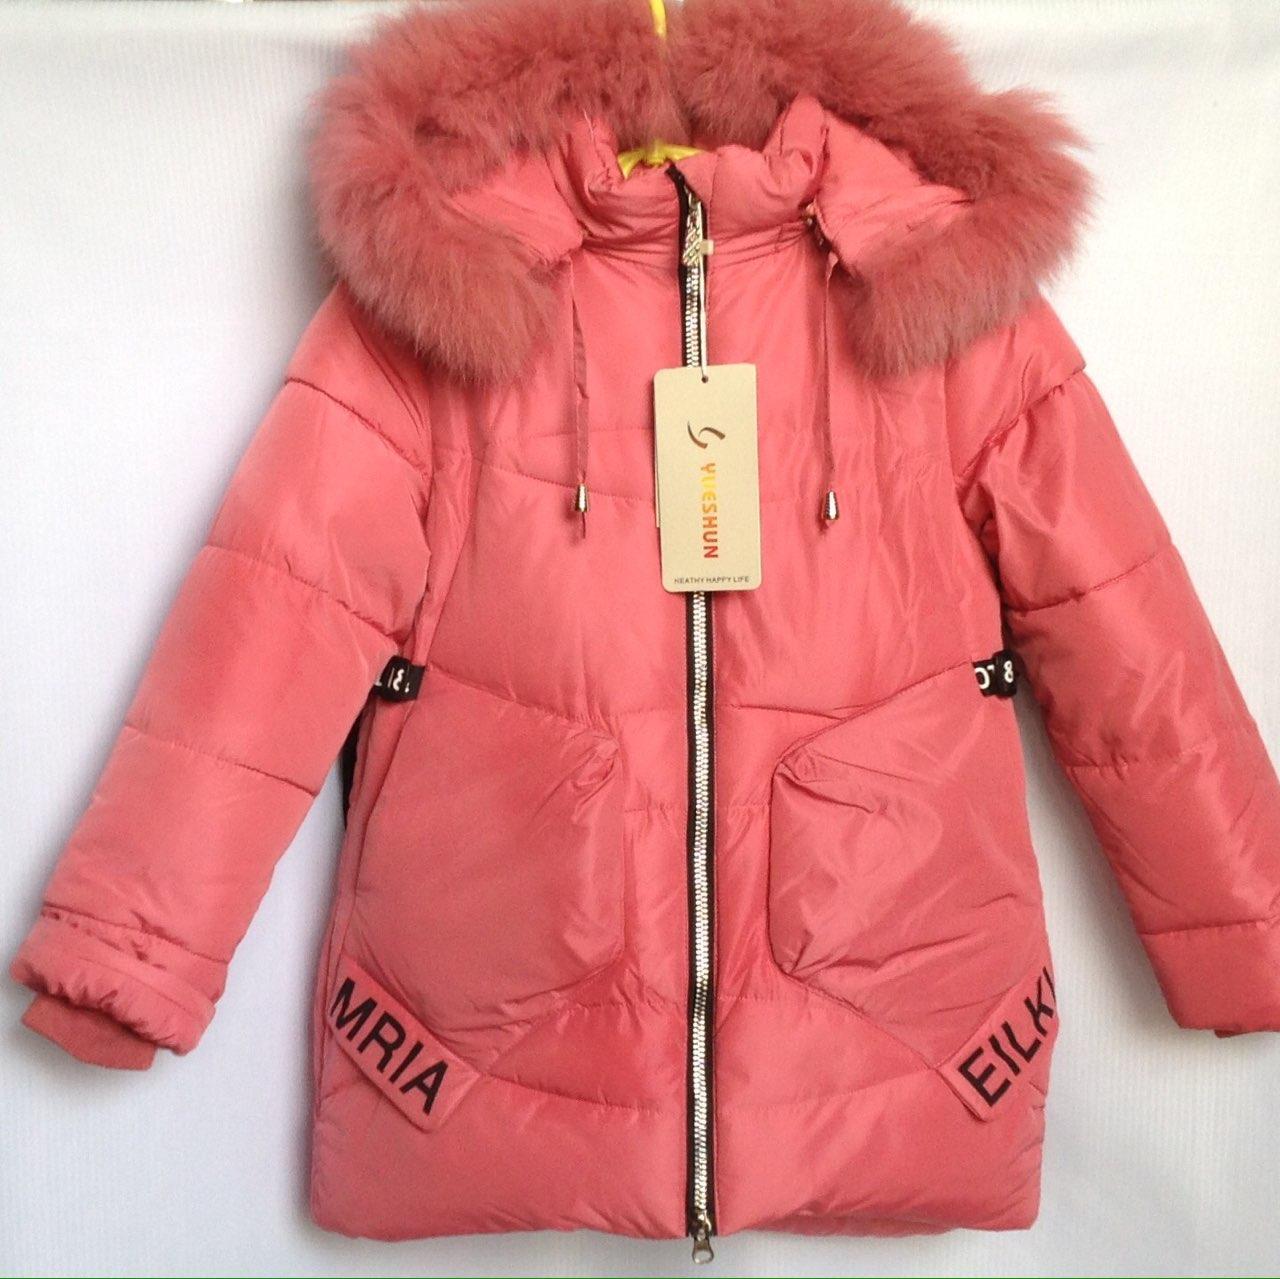 5d8b8437f76 Куртка подростковая зимняя Arcade  А-4 для девочек. 128-152 см (8-12 ...